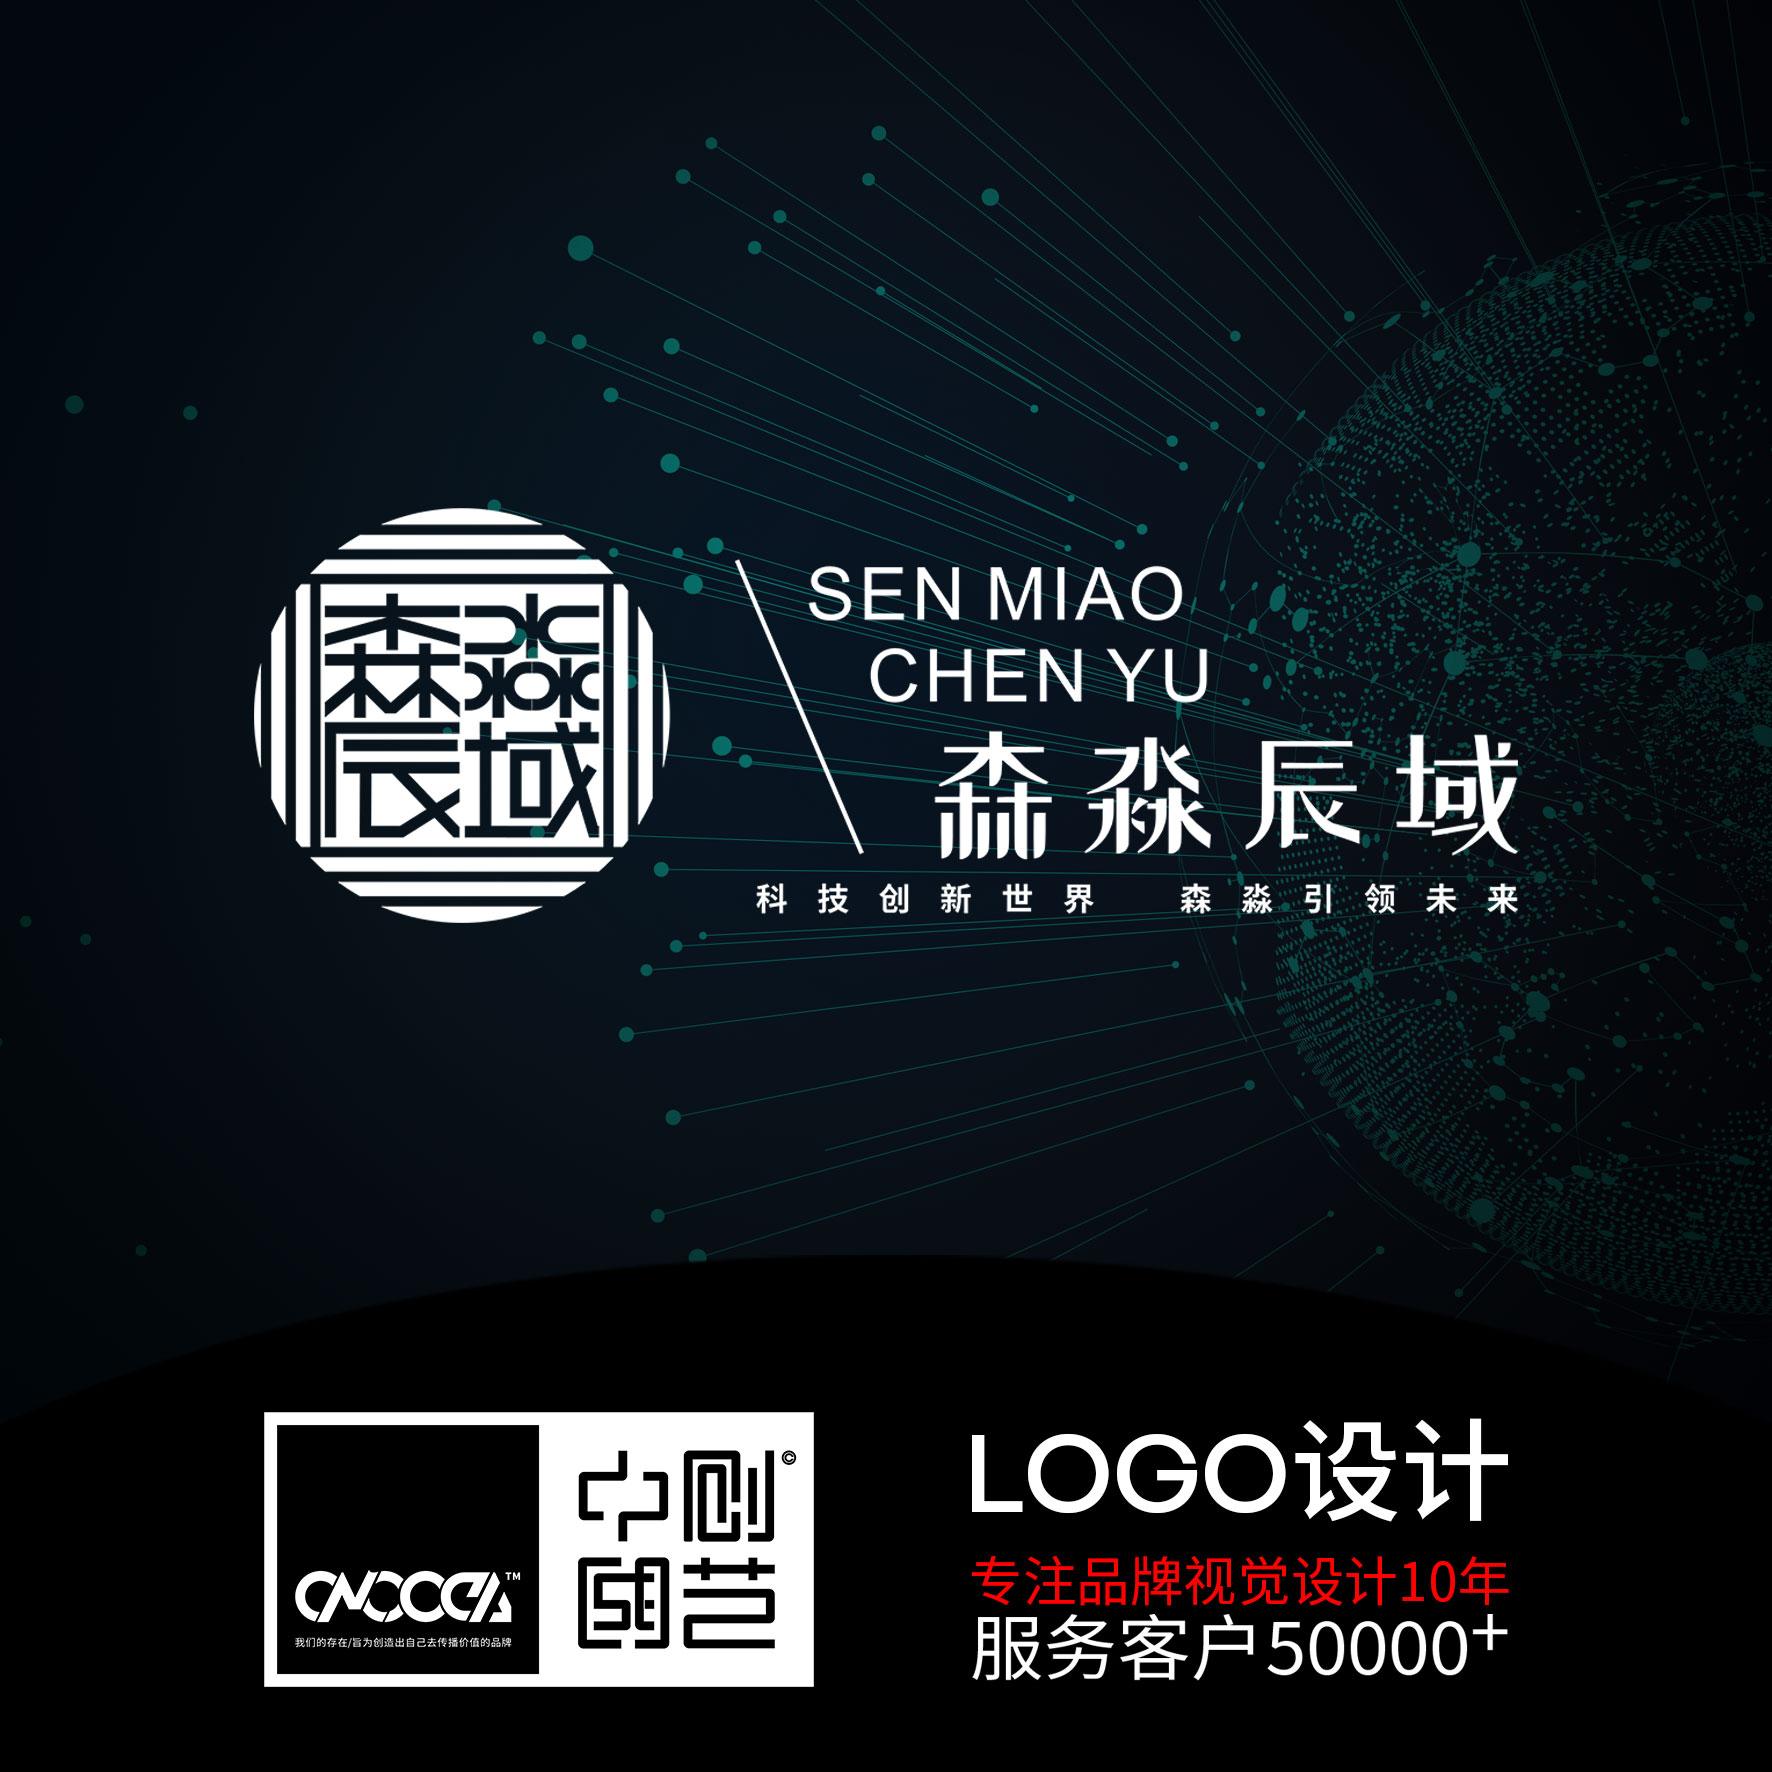 科技类LOGO设计案例-森淼辰域